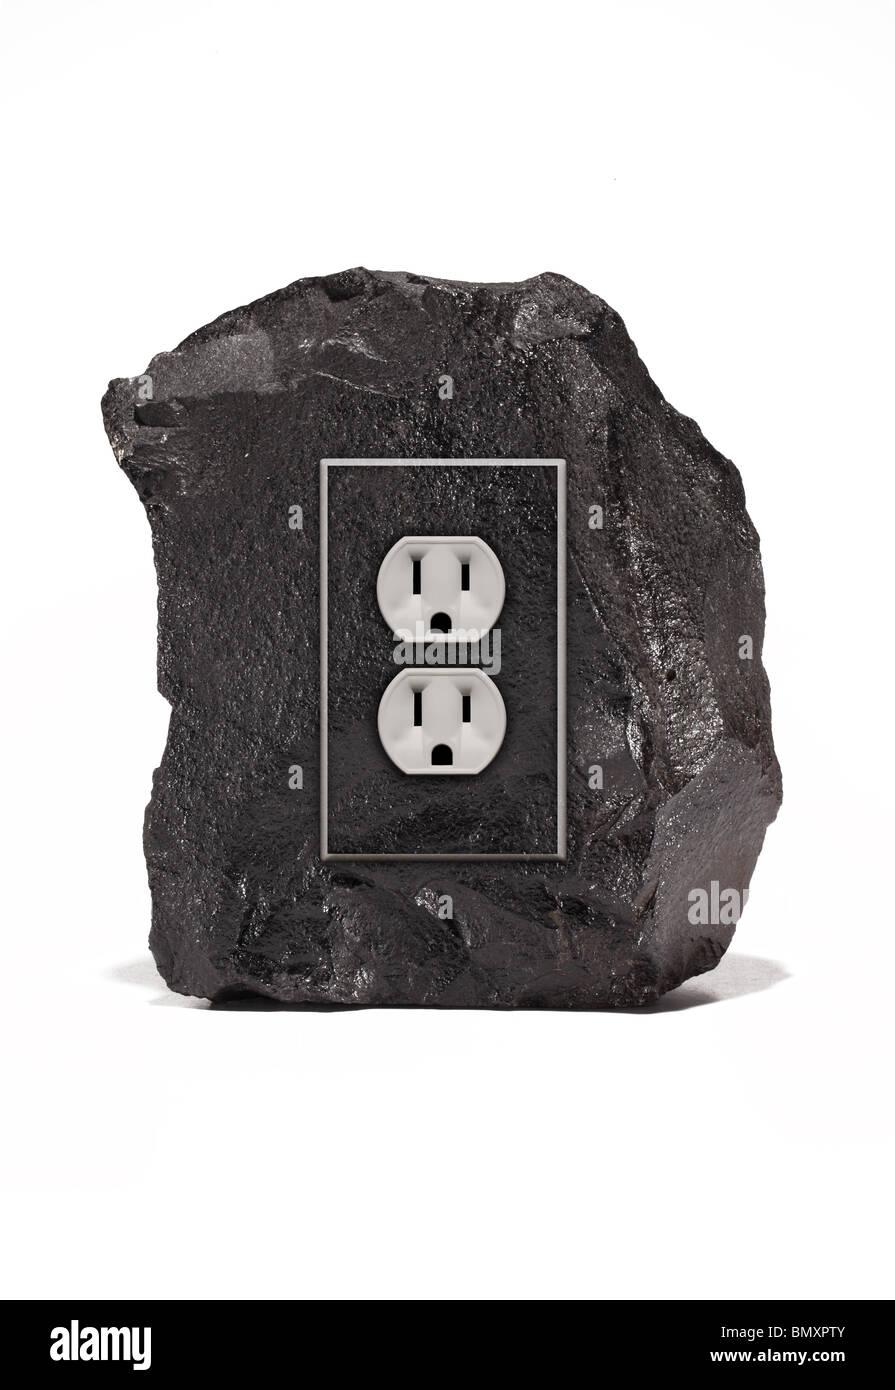 Un gran trozo de negro de carbón con un accesorio de salida de energía eléctrica sobre un fondo blanco. Imagen De Stock